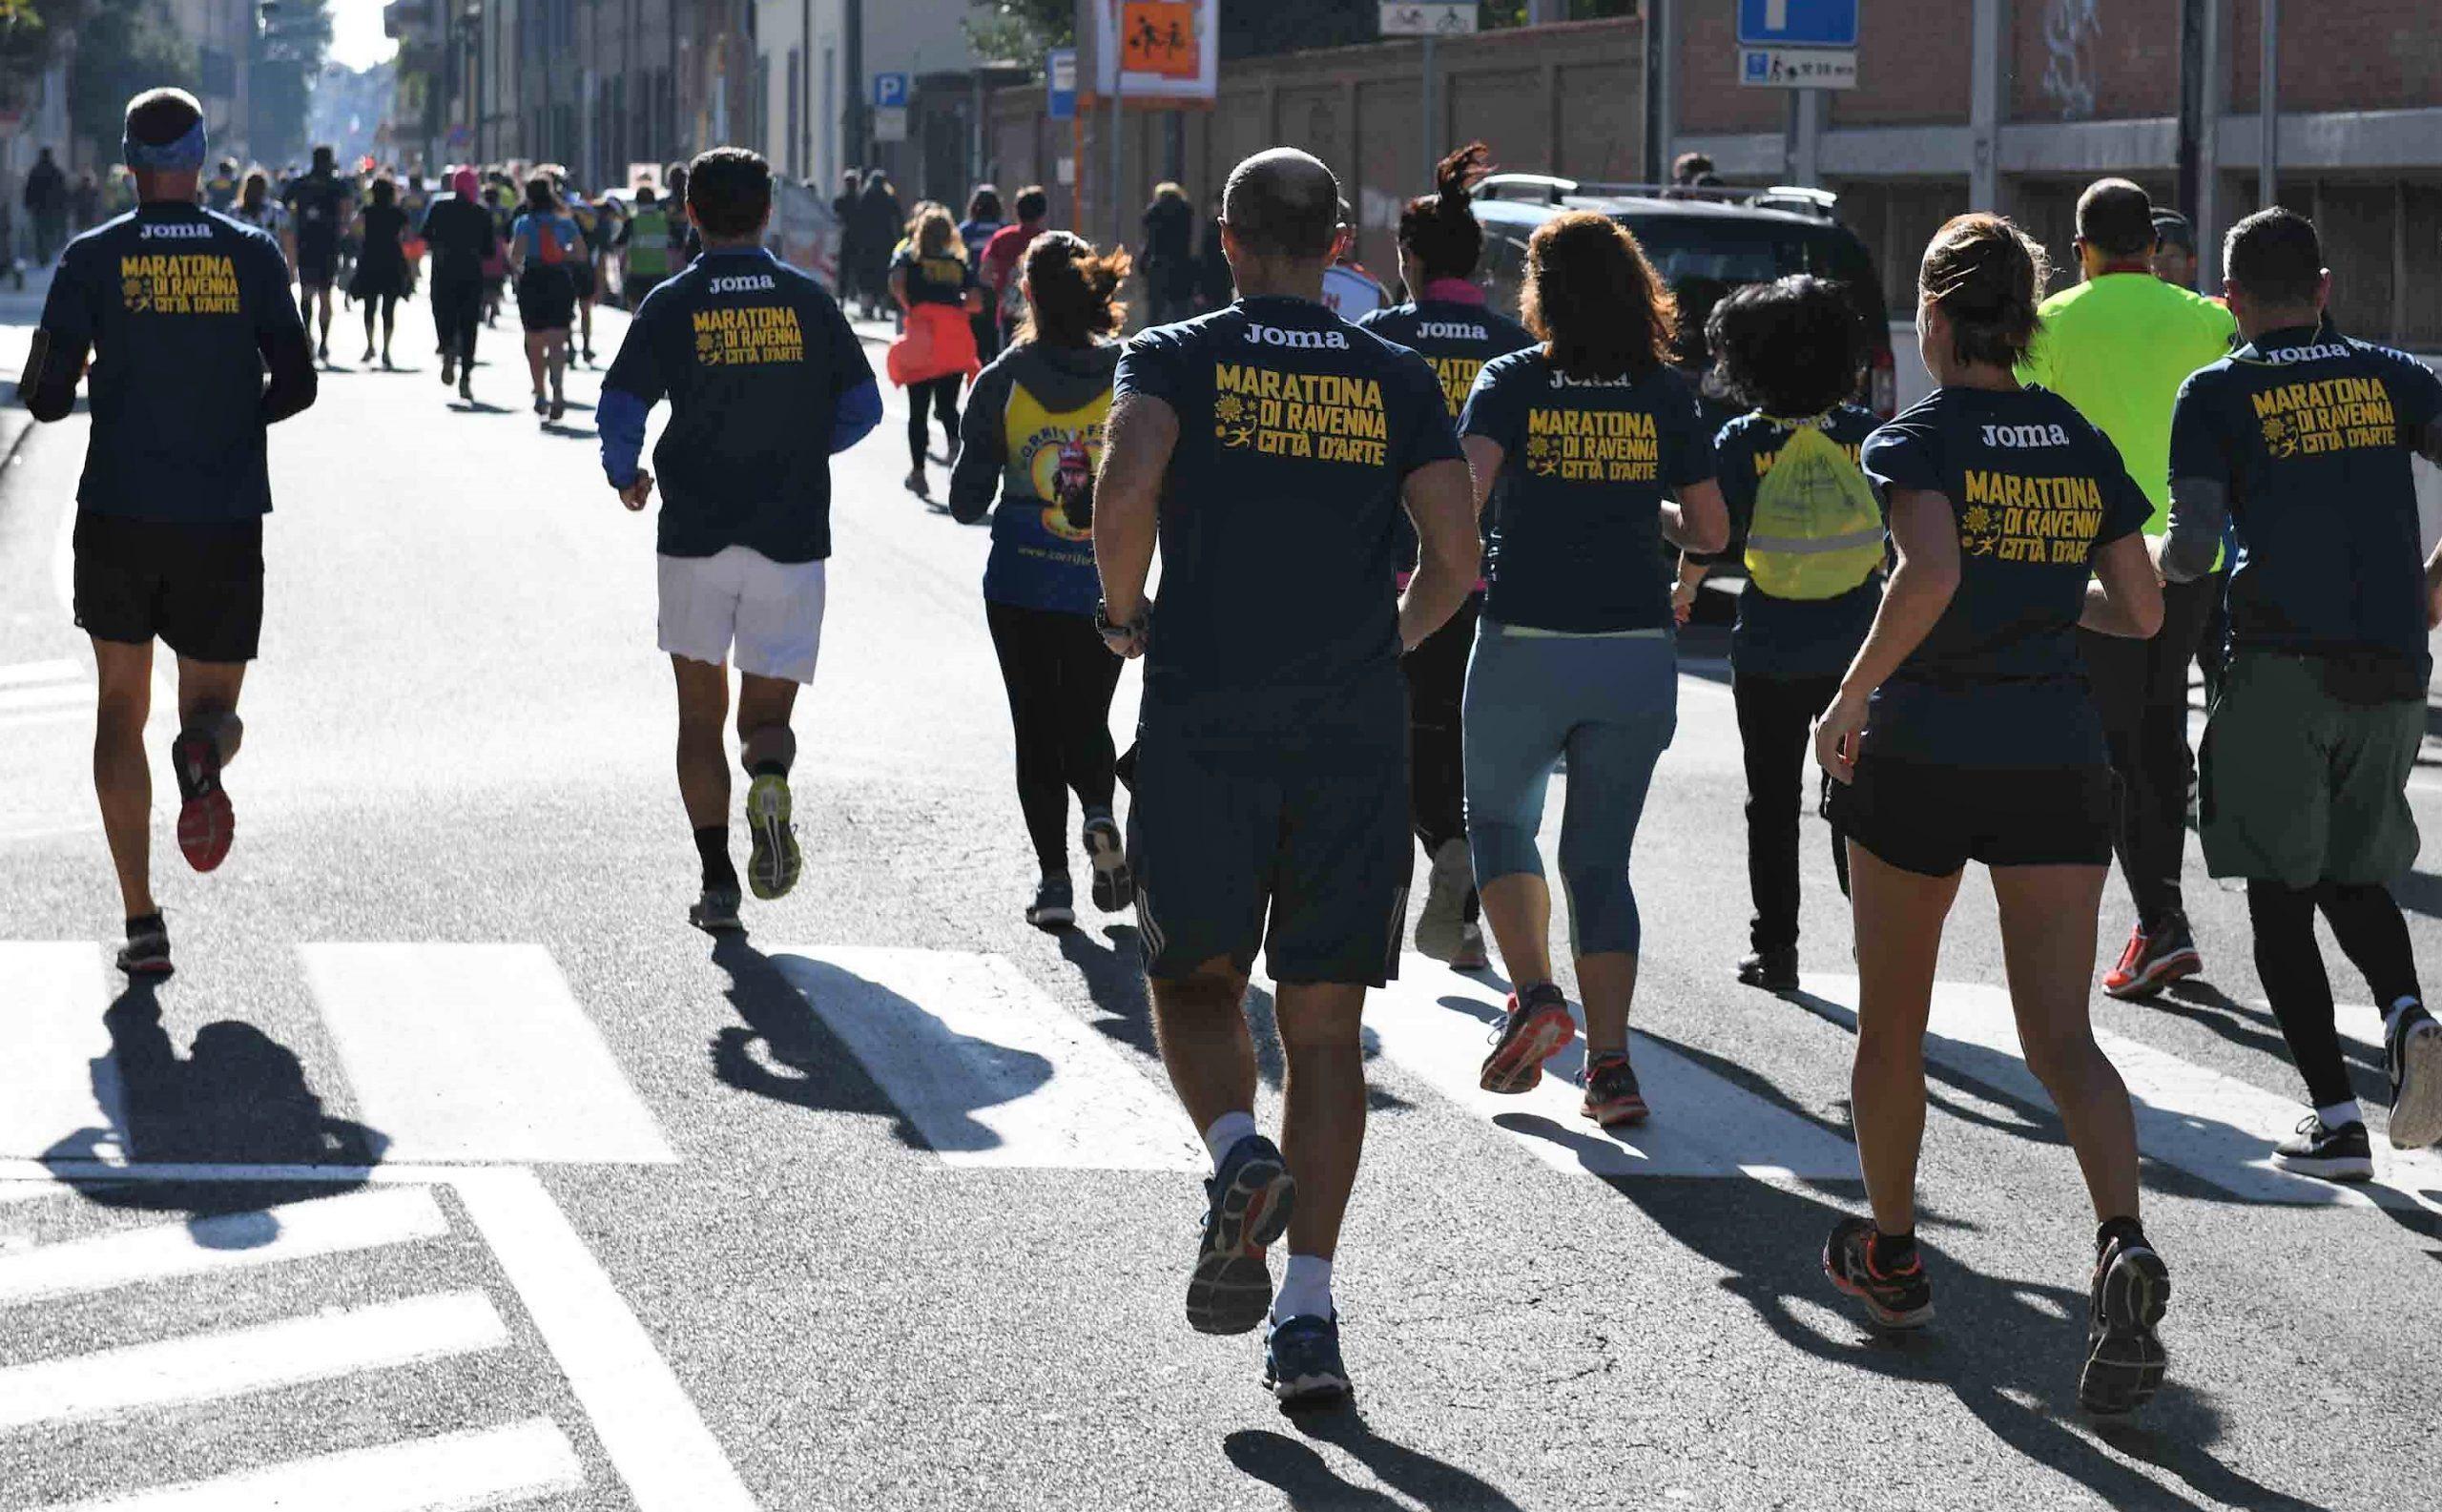 Maratona di Ravenna, Black friday per le iscrizioni